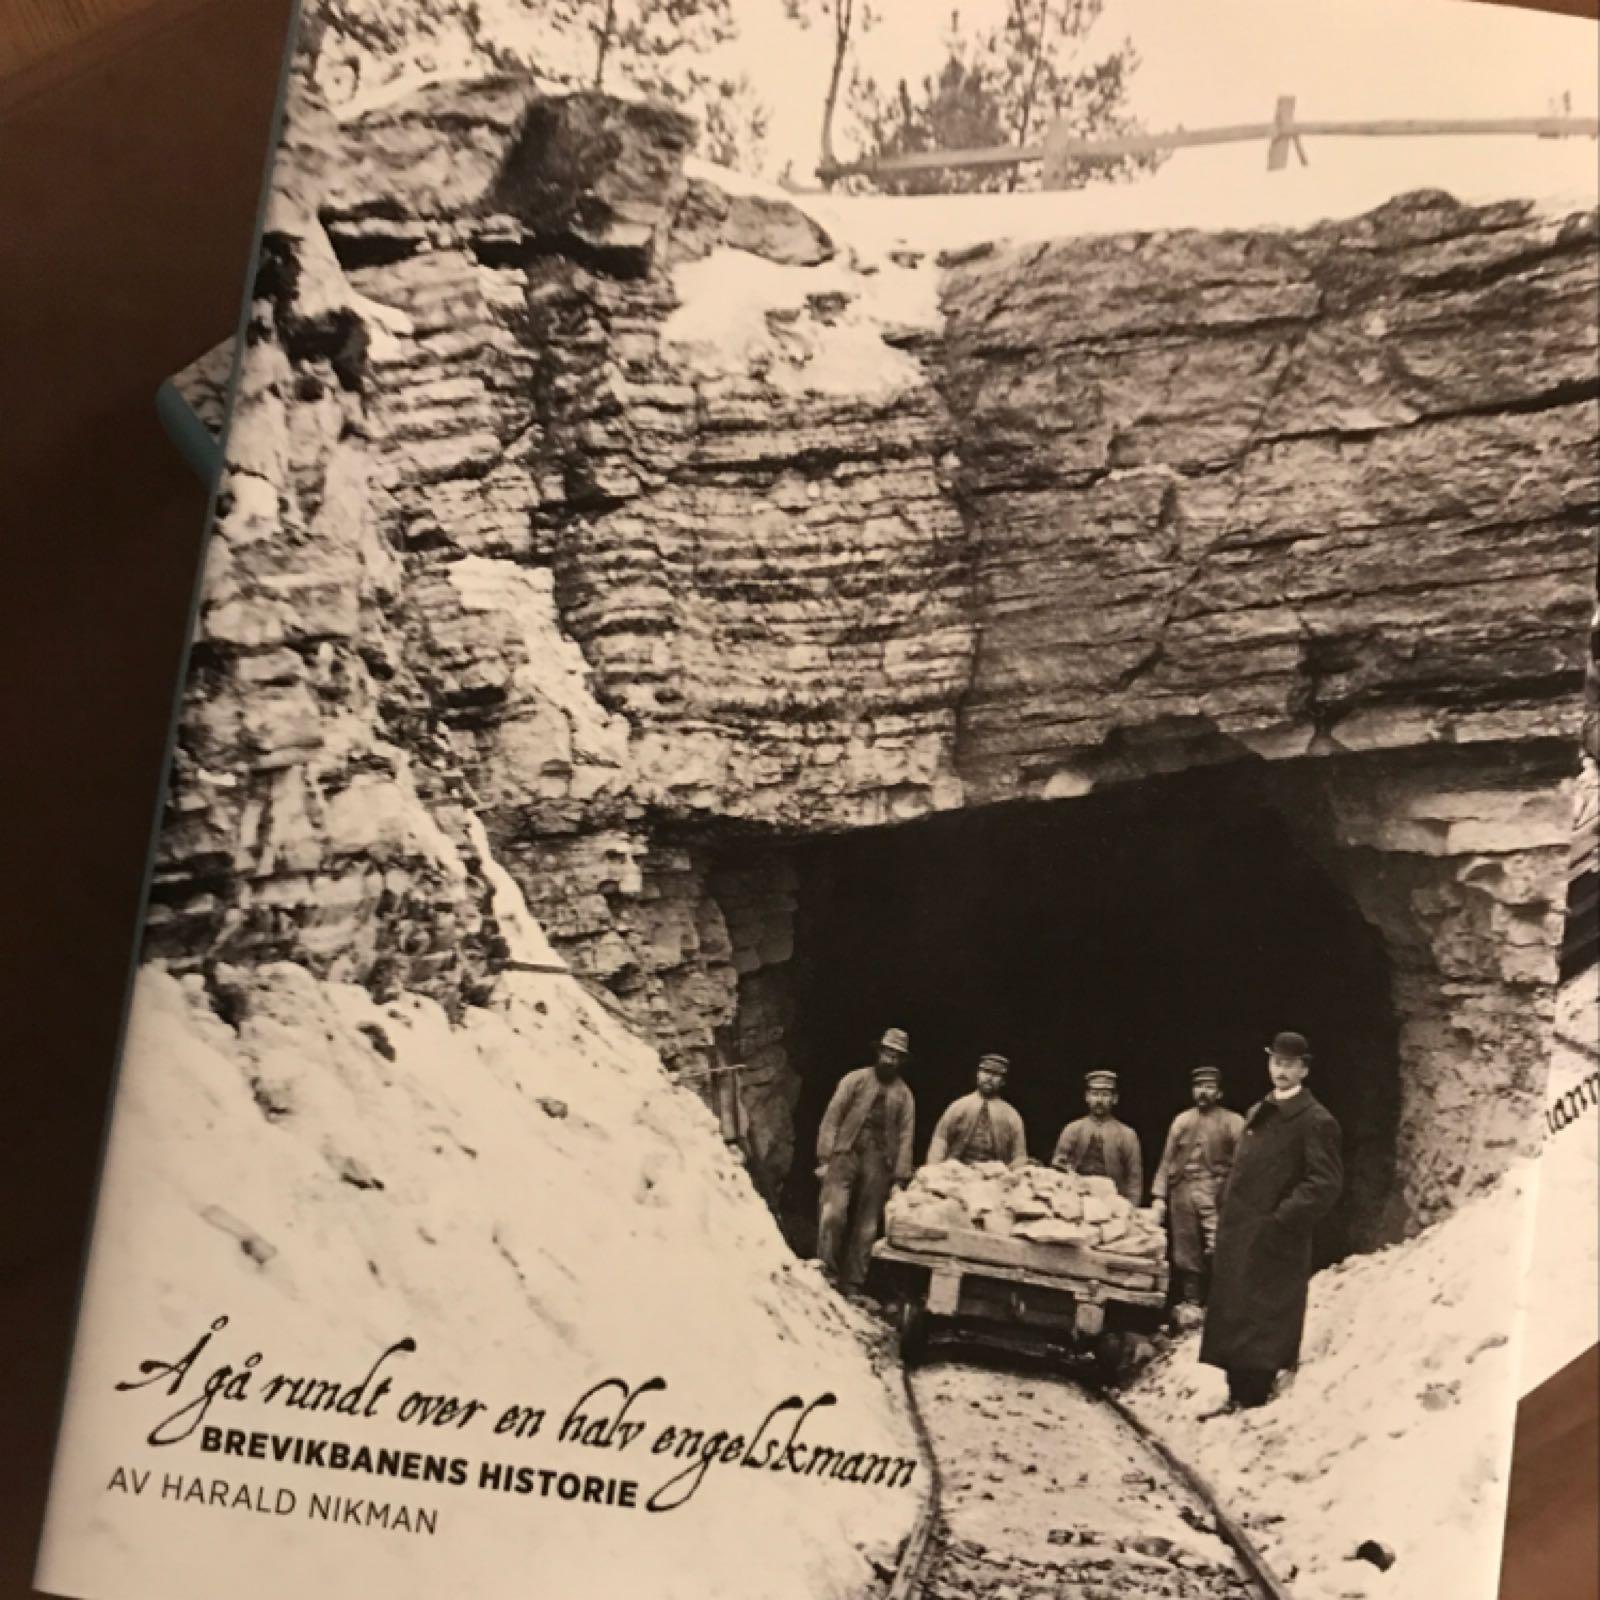 Brevikbanens historie